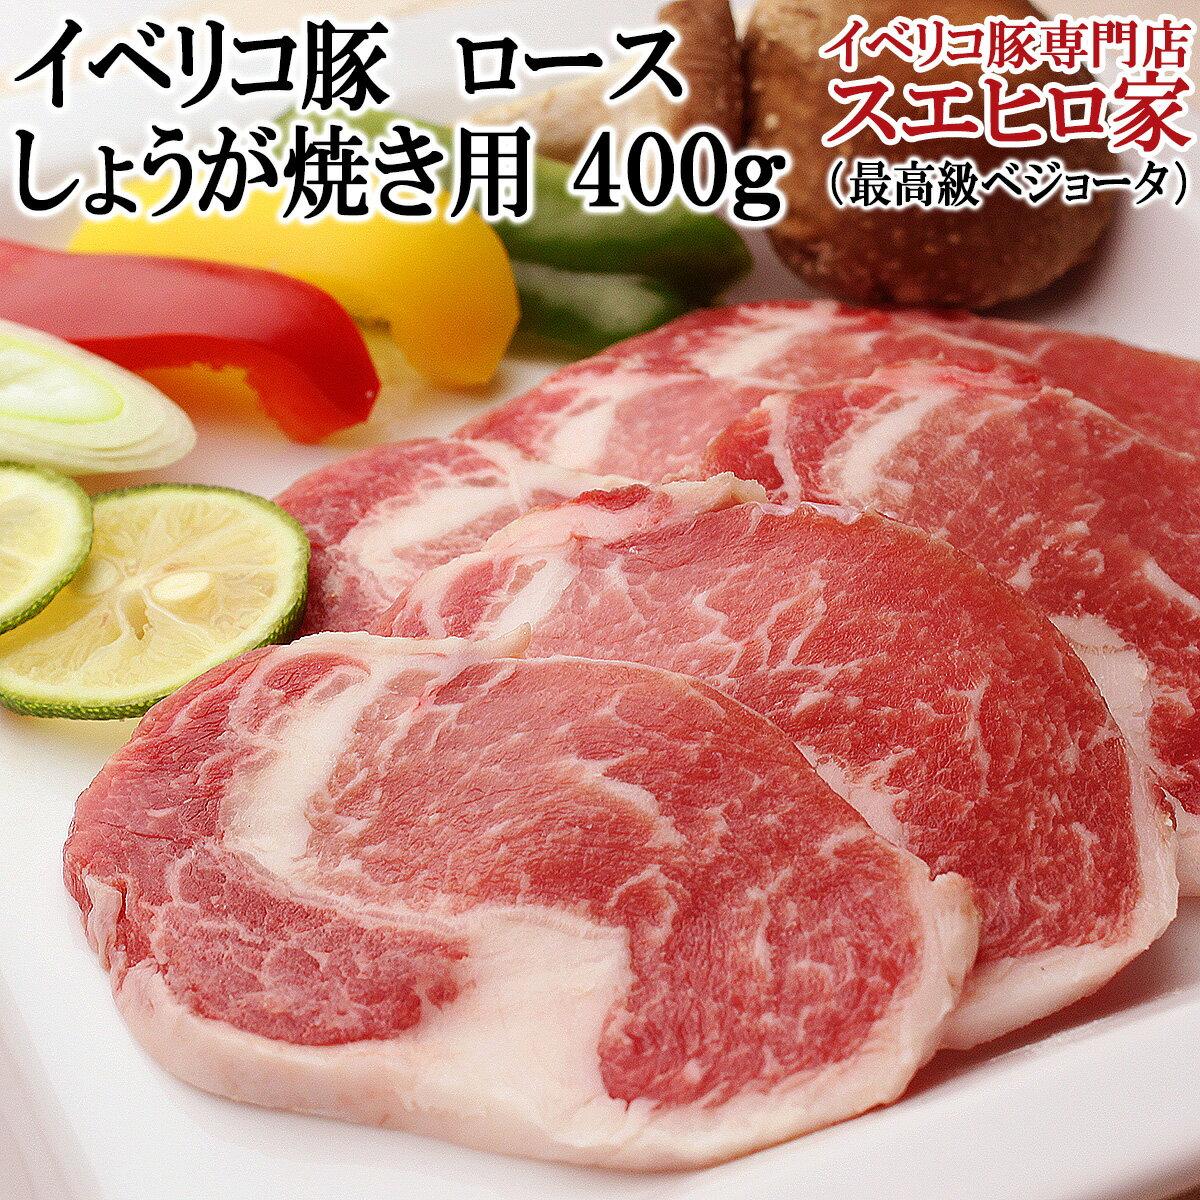 イベリコ豚ロース生姜焼き用400g(約2-3人前...の商品画像